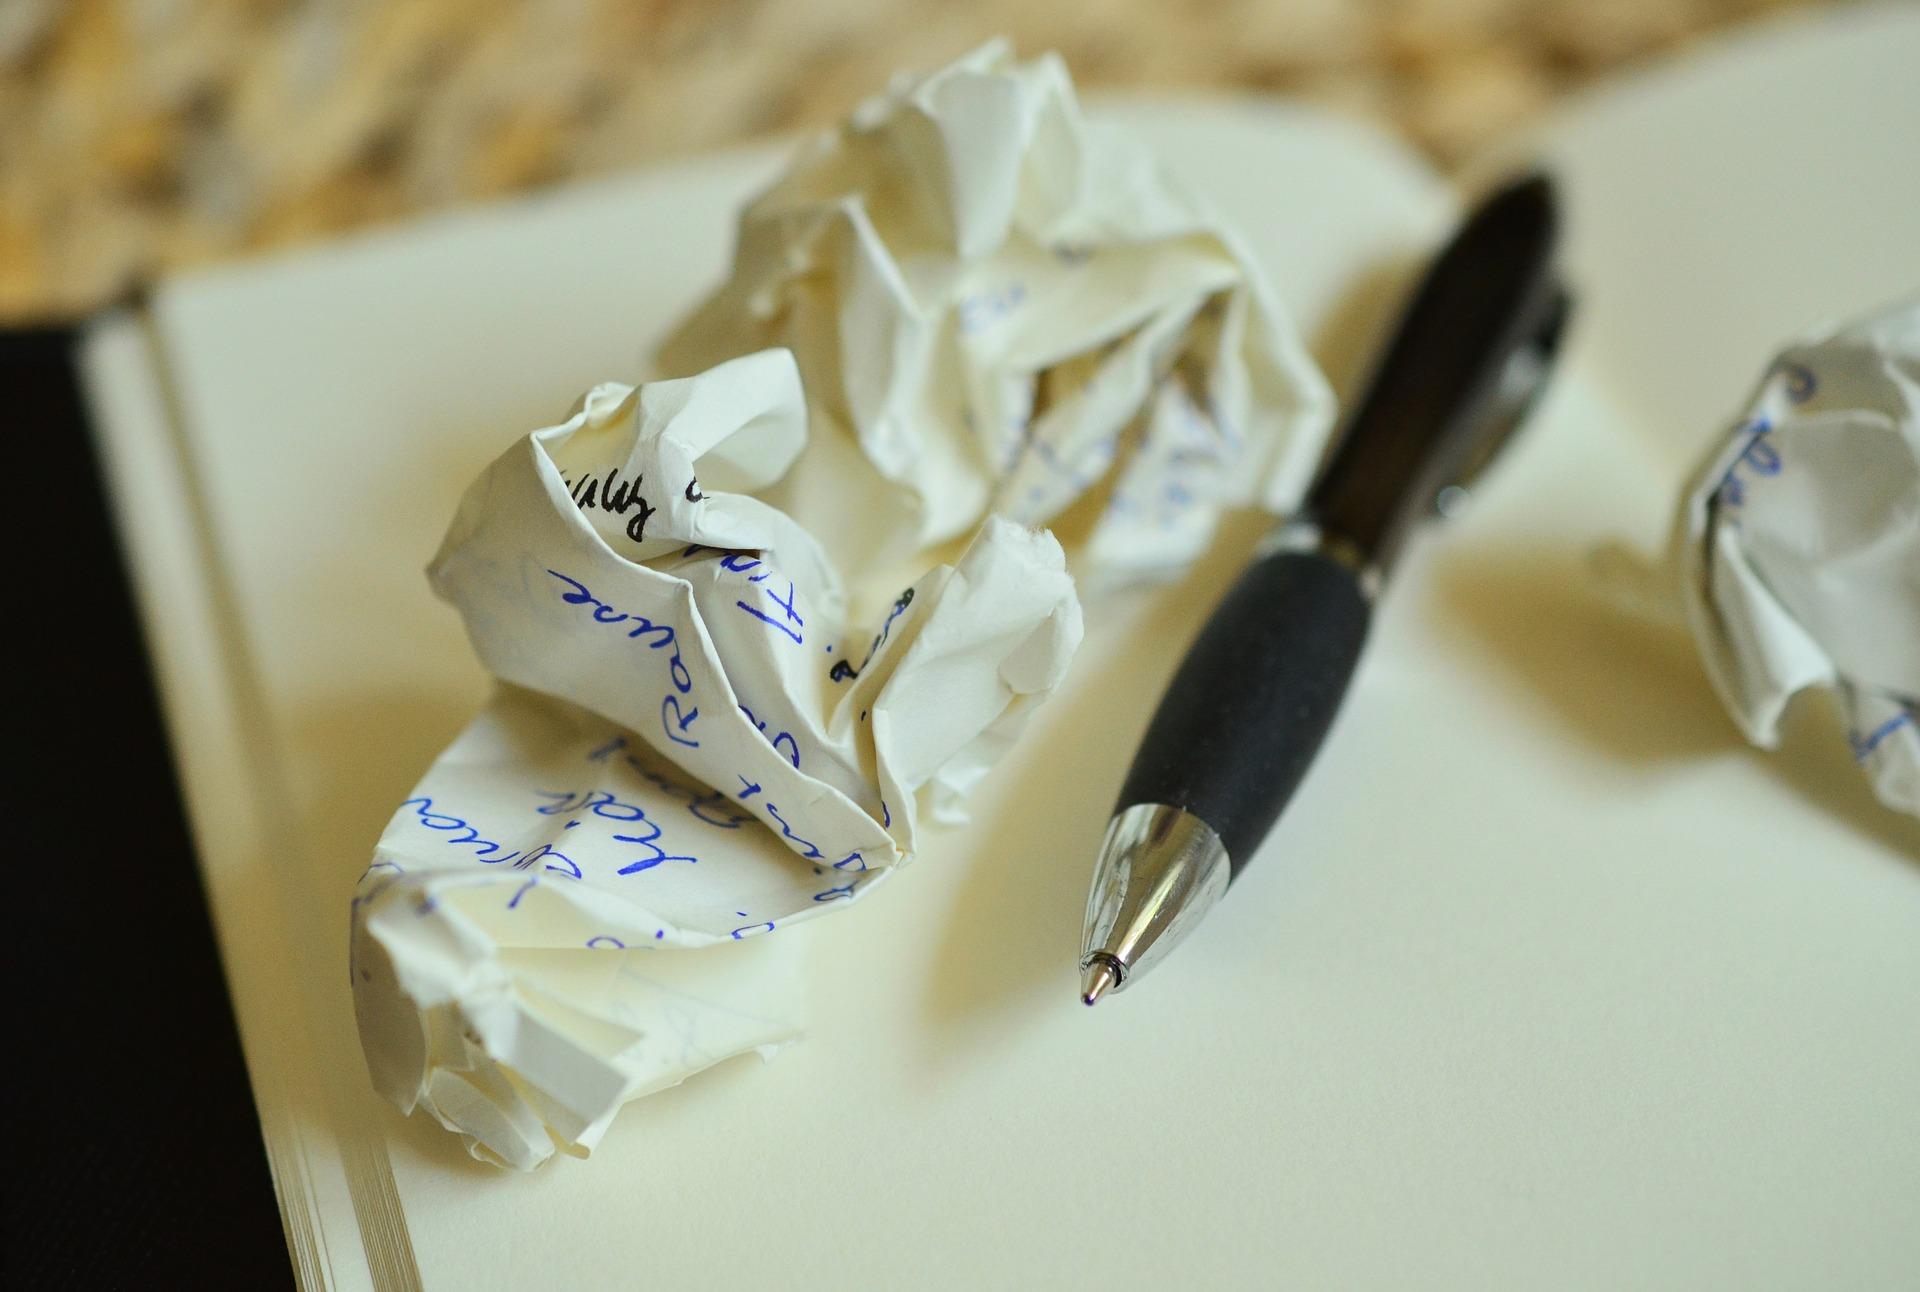 pen paper notes